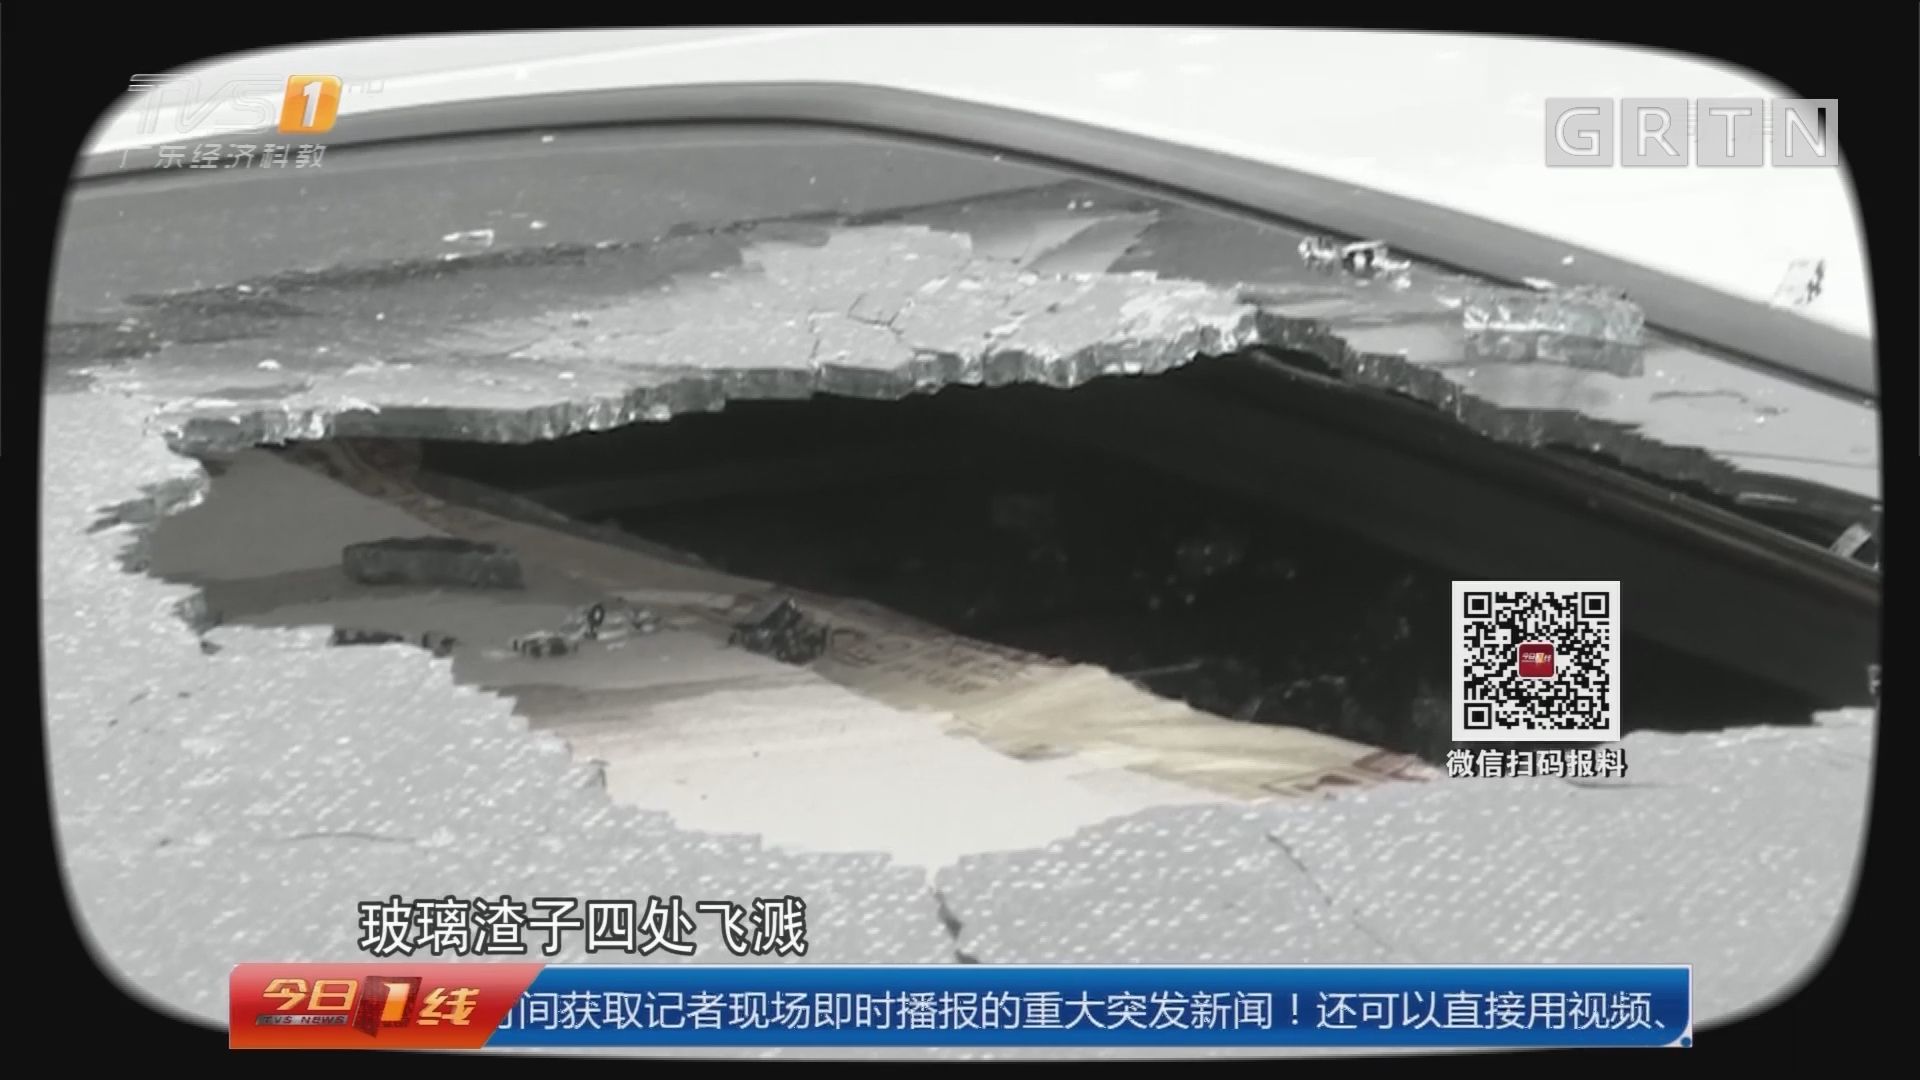 """高空抛物:天上掉""""烟盒"""" 车顶砸出大窟窿"""